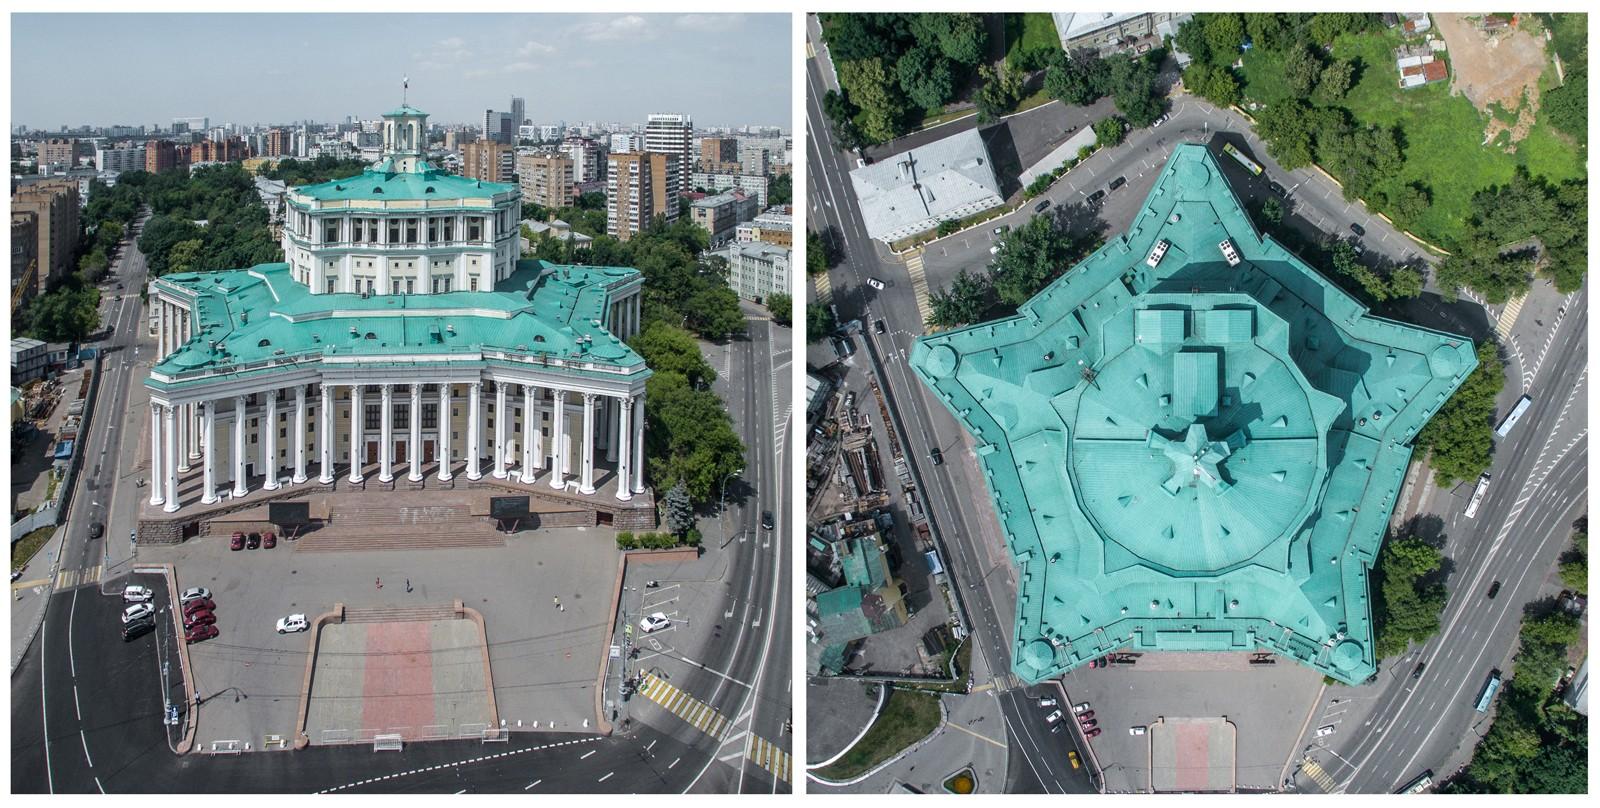 Театр, построенный по проекту Каро Алабяном и Василием Симбирцевым в 1934-1940 годах, имеет вид пяти